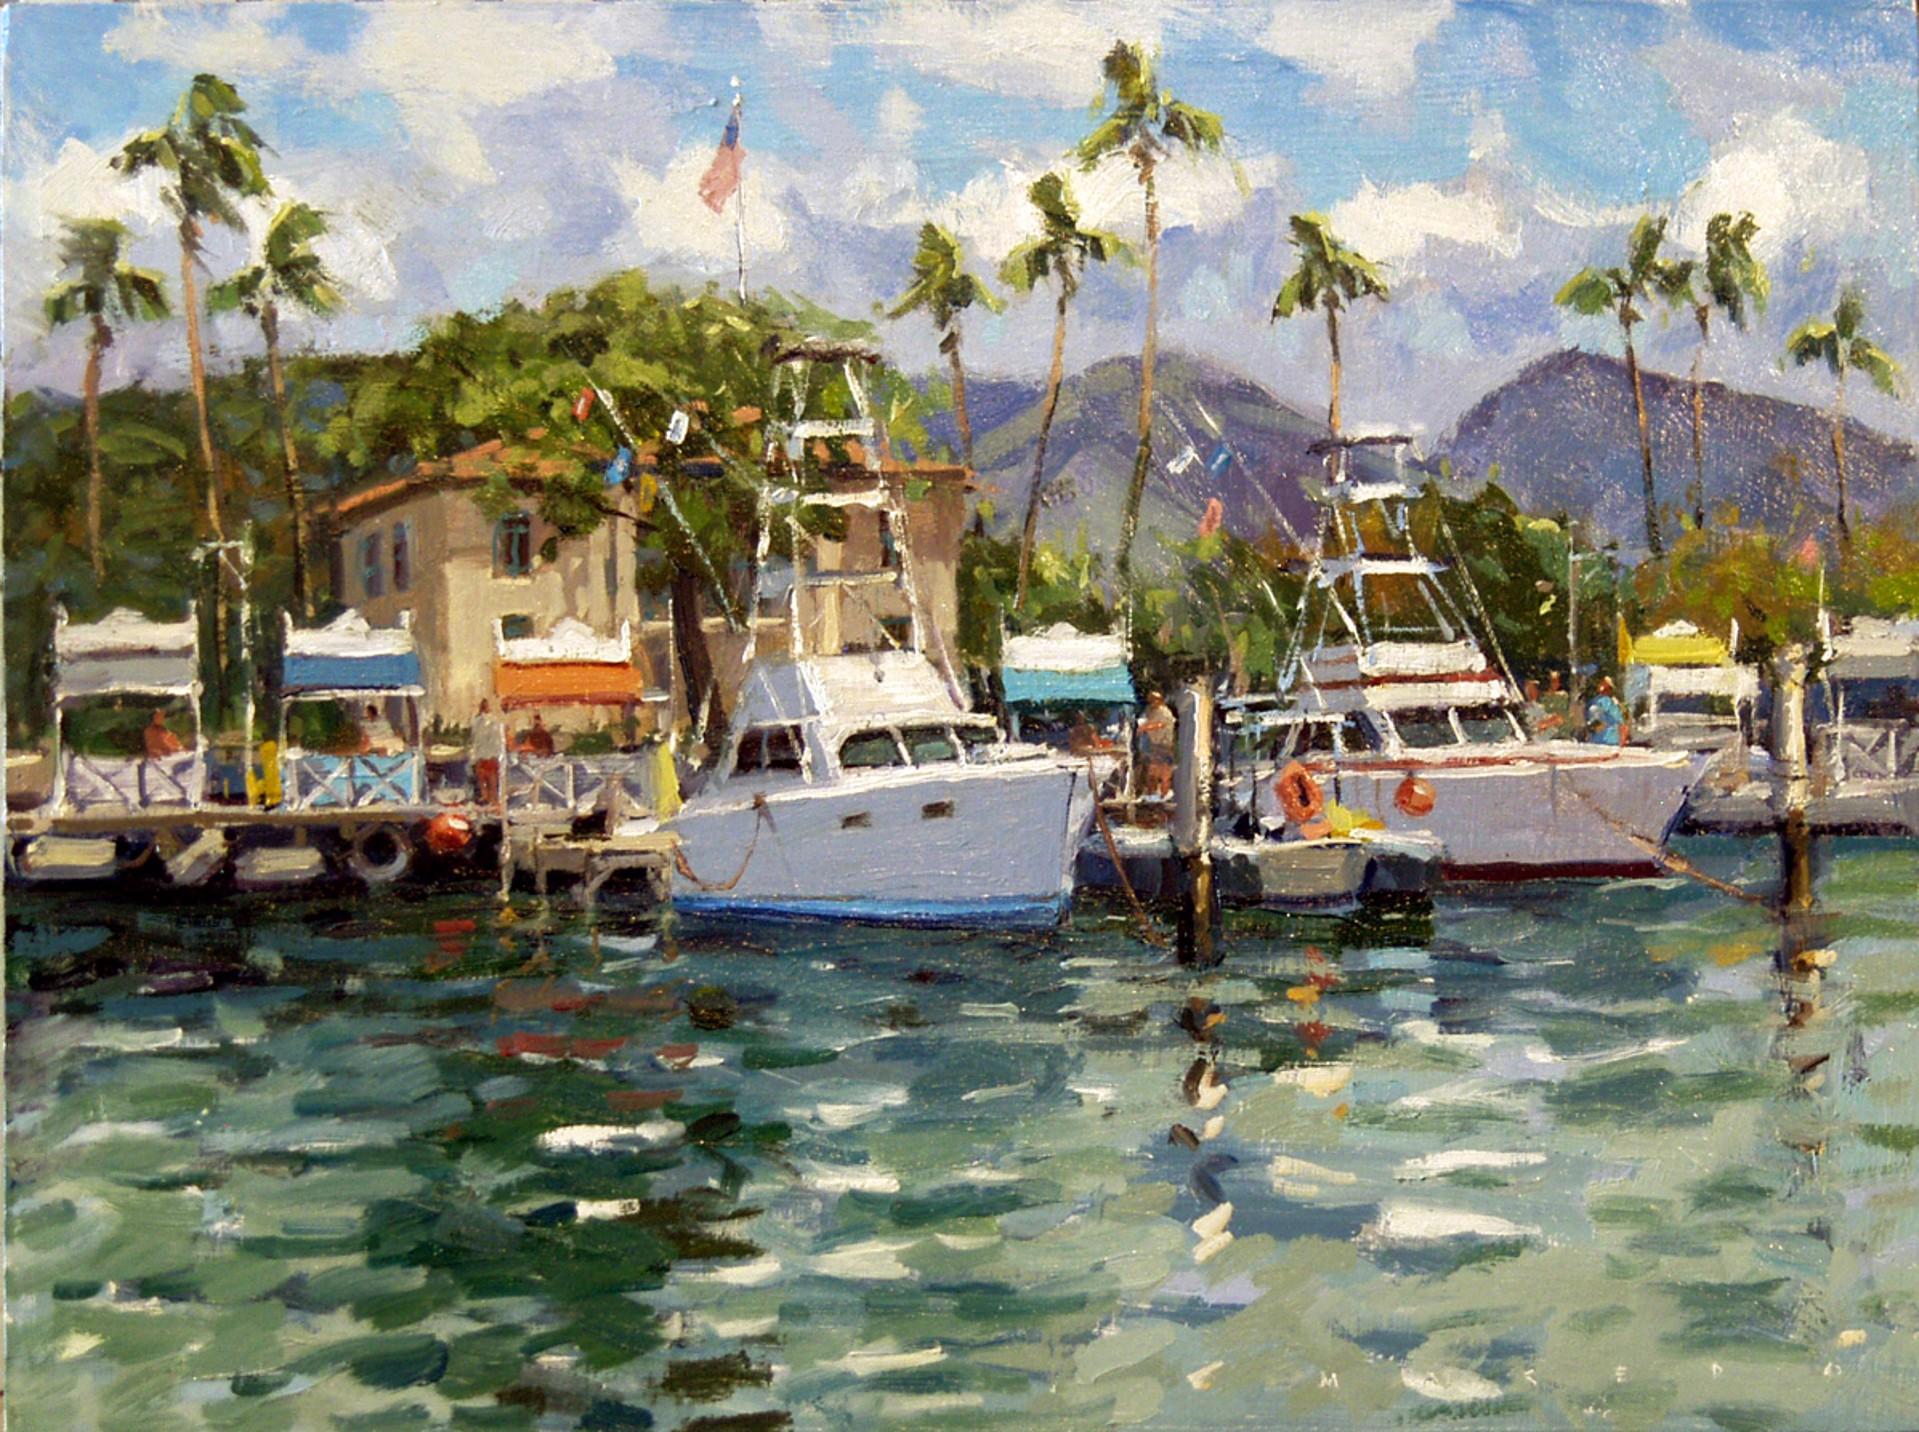 Harbor Spirit by Ronaldo Macedo